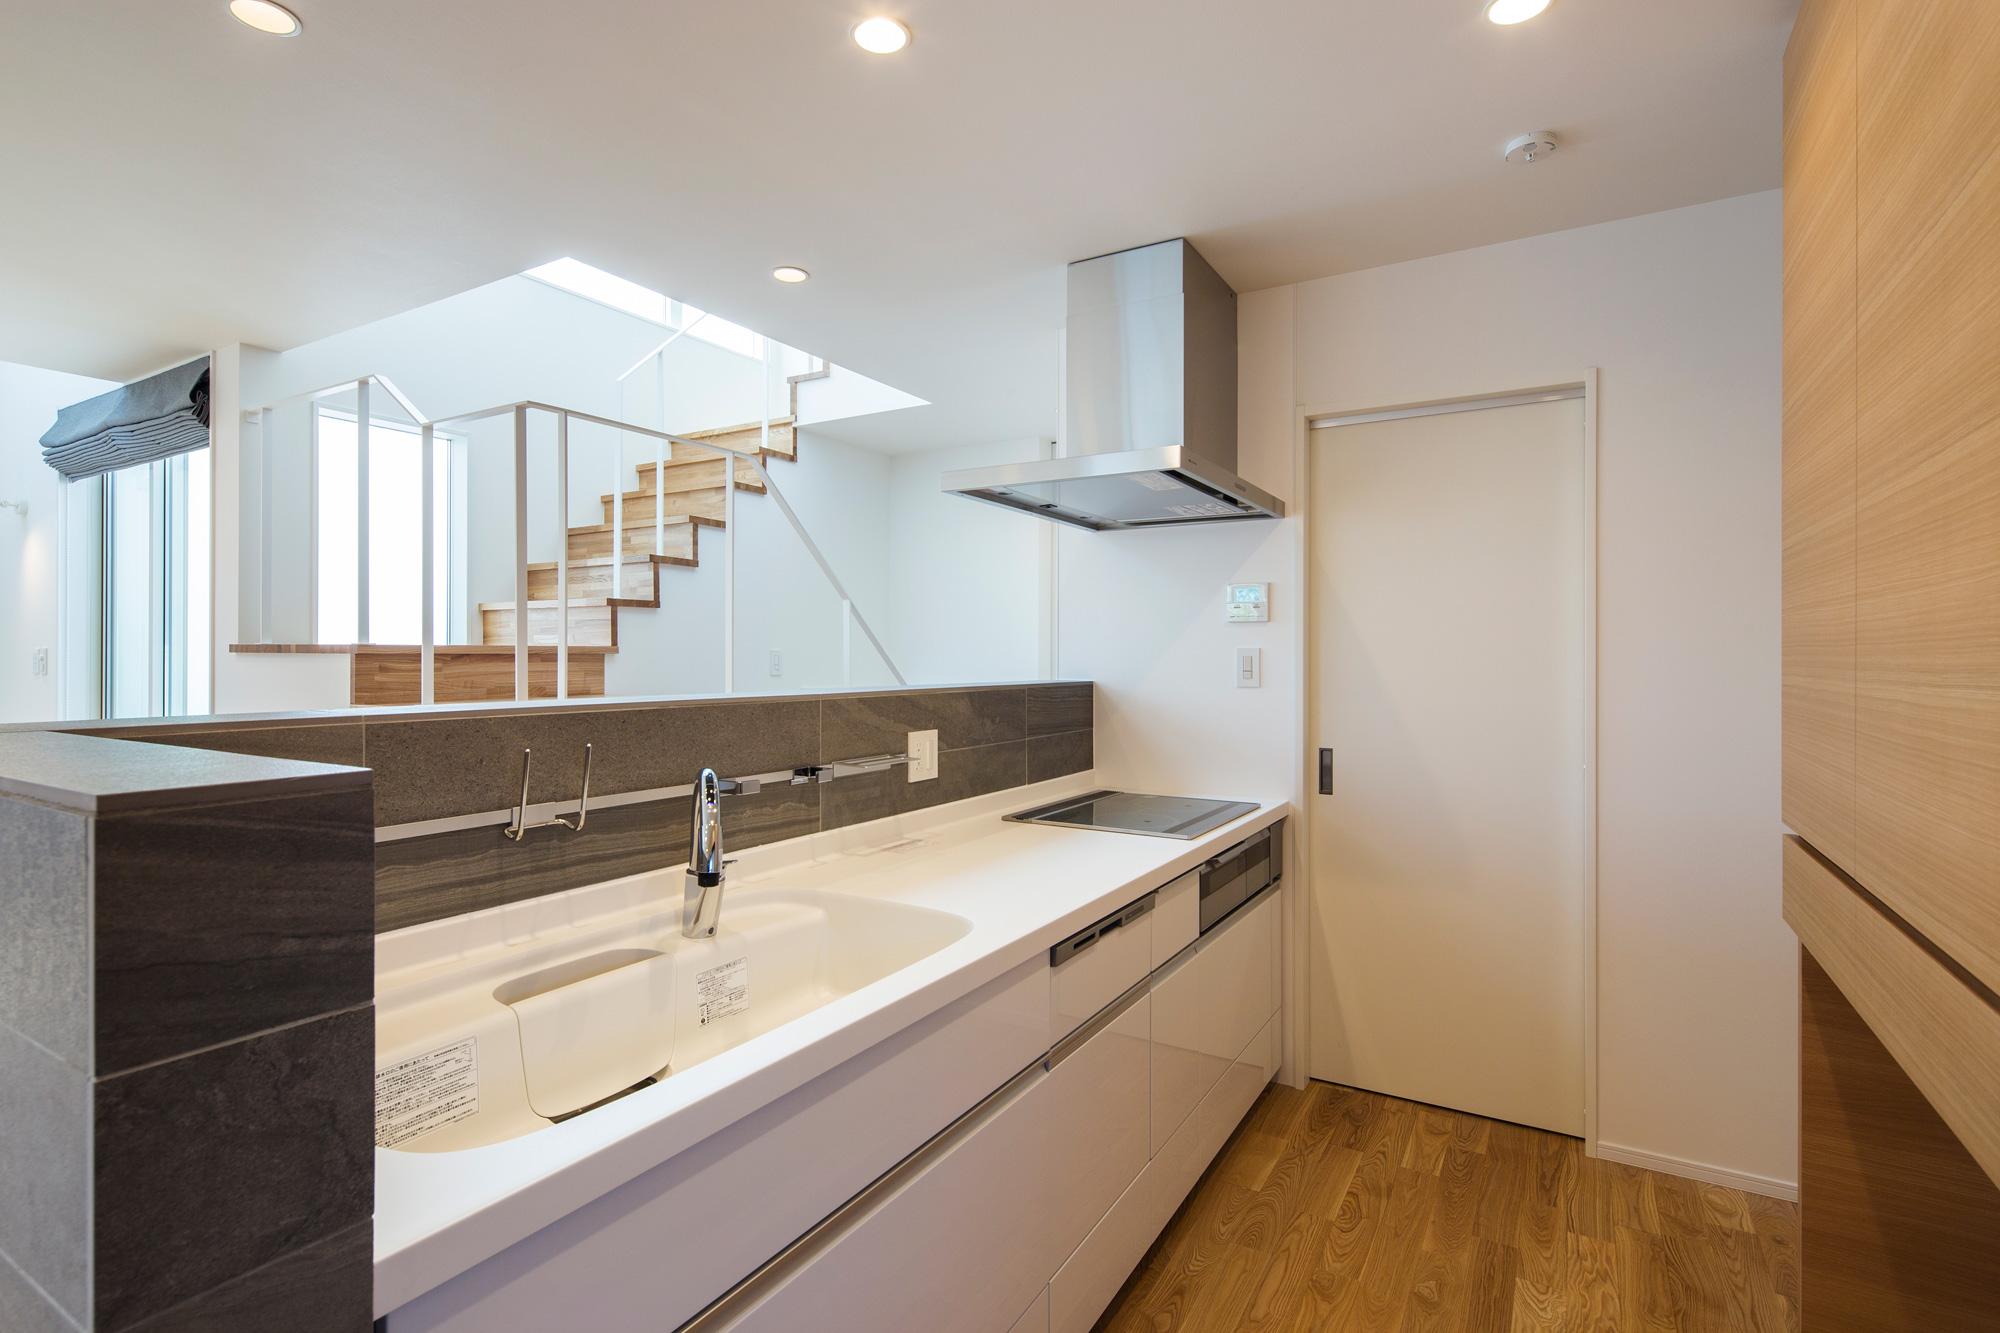 キッチン:キッチンは手元が隠れる石の壁に囲まれています。階段越しに中庭と青い空が見えます。奥の扉はパントリーです